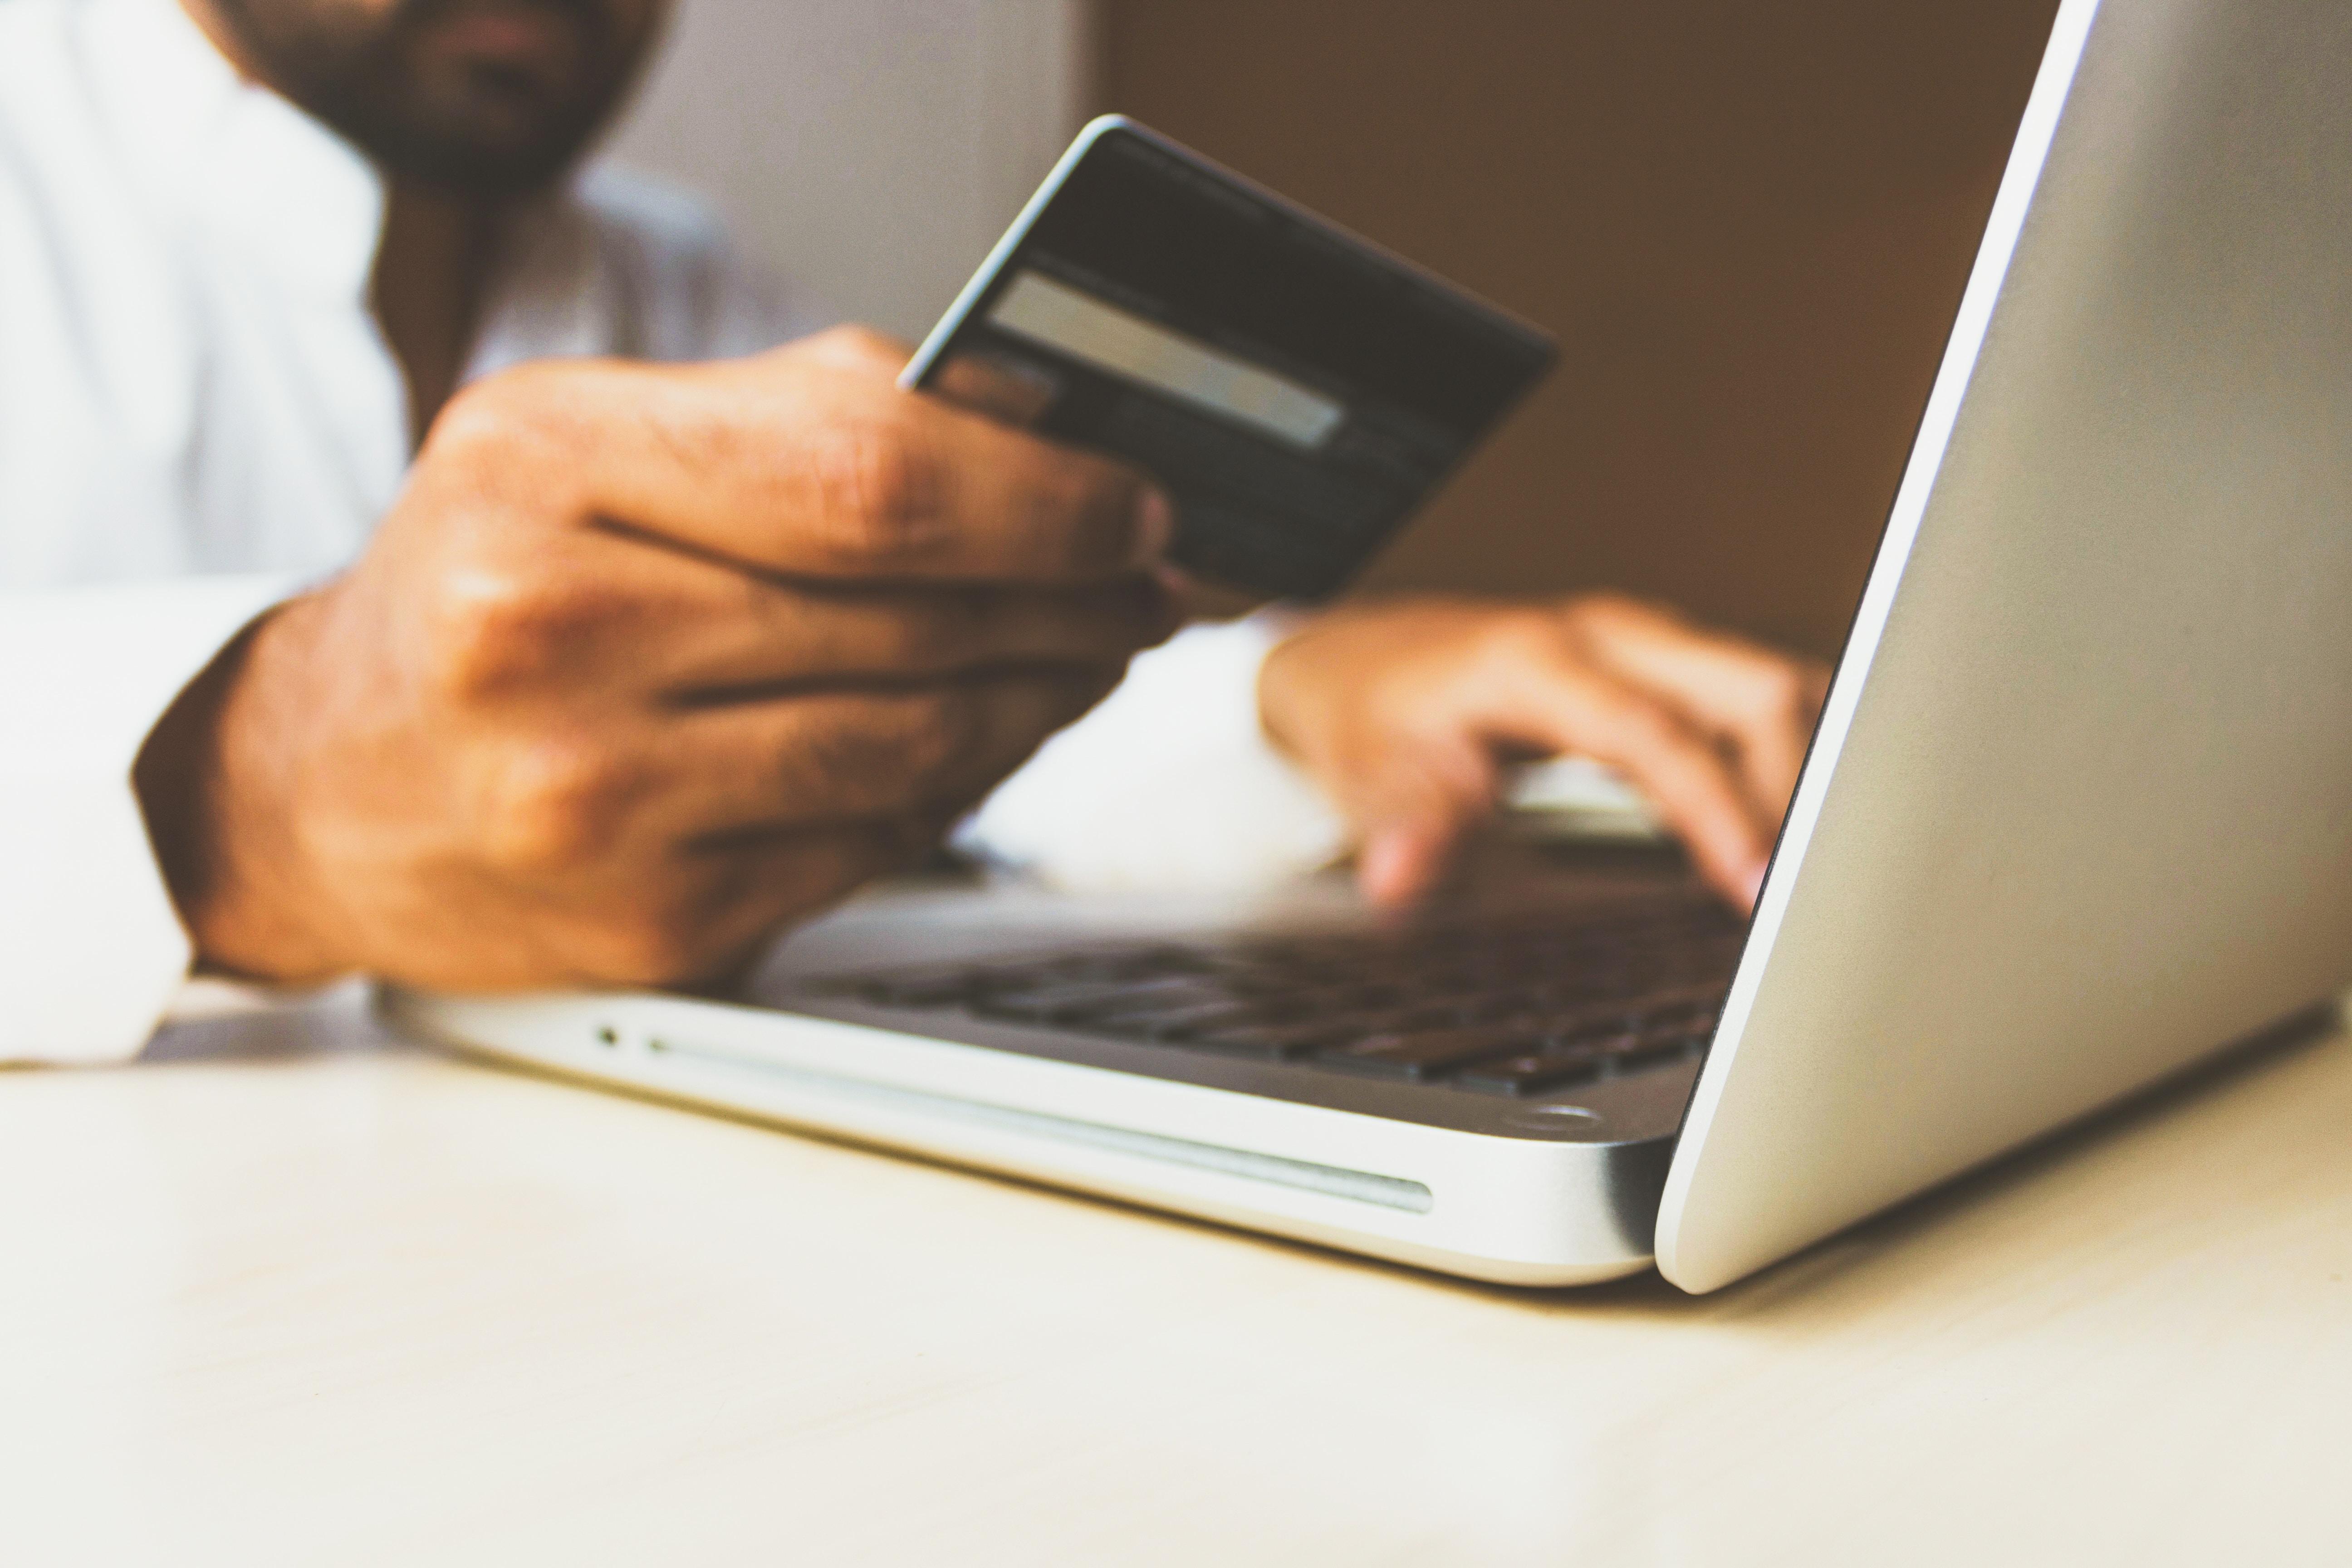 Kort, betalingskort, computer, kviklån, lån, bank, betaling. (Foto: Unsplash)